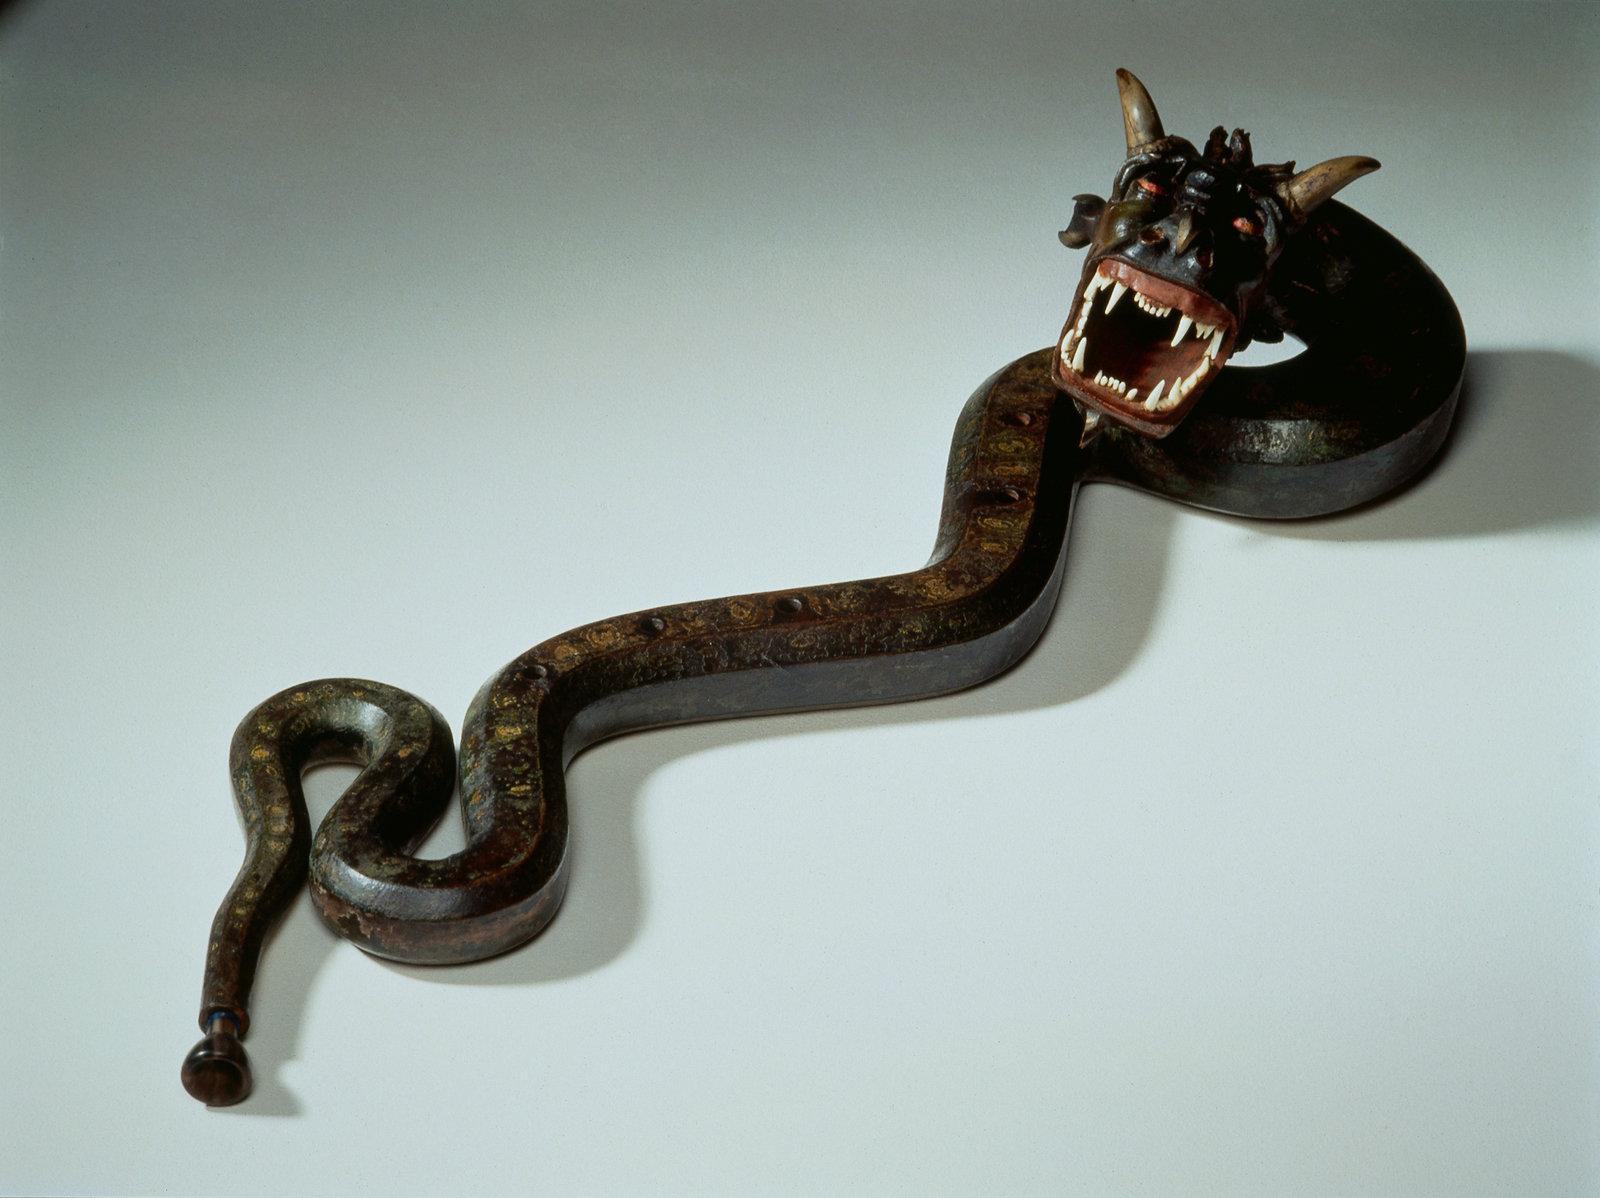 Cornet à bouquin ténor en forme de serpent et à tête de dragon, Albert Giordan, Cité de la musique, CC BY-NC-SA